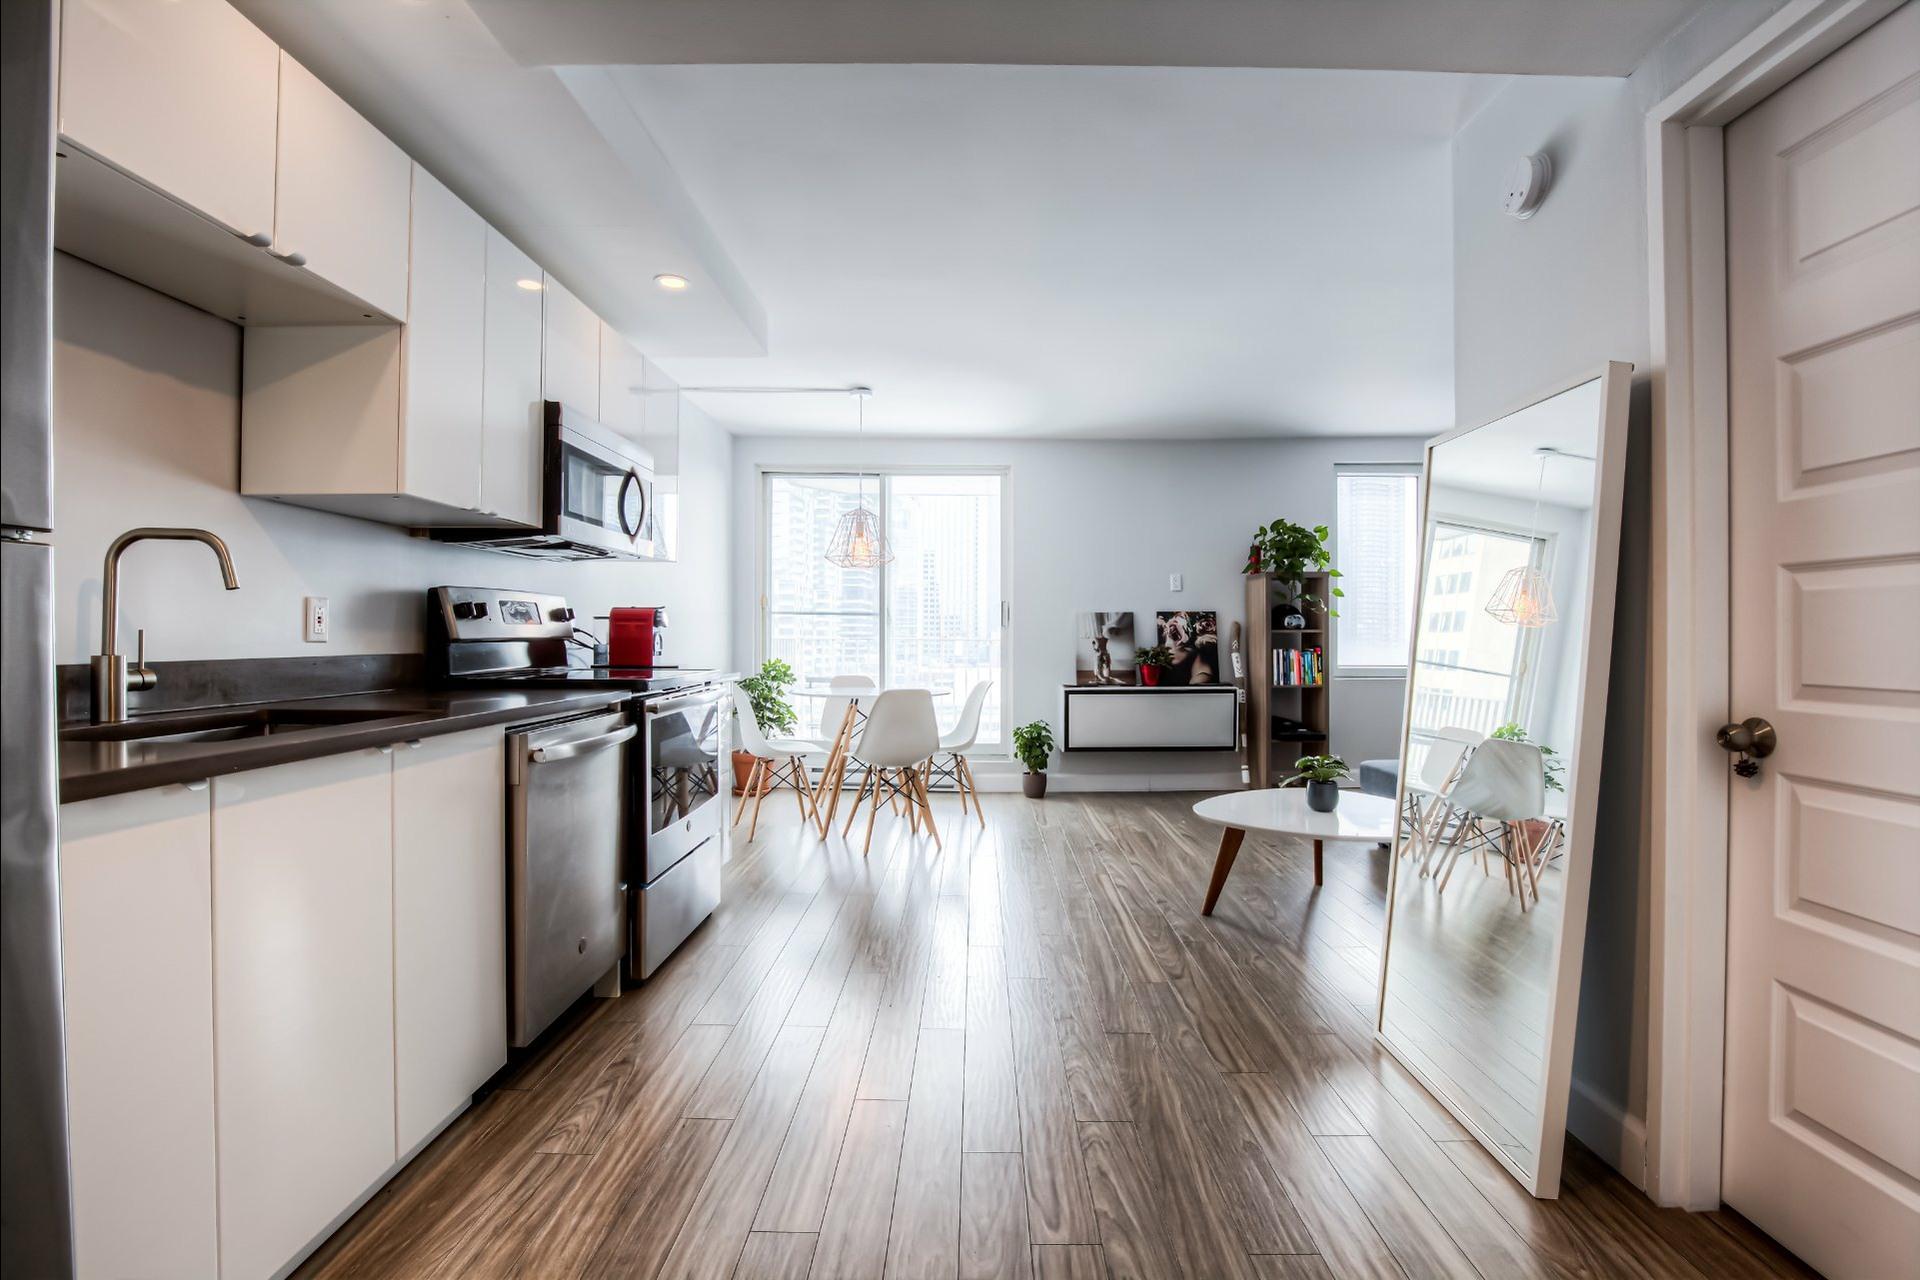 image 12 - Appartement À vendre Ville-Marie Montréal  - 5 pièces